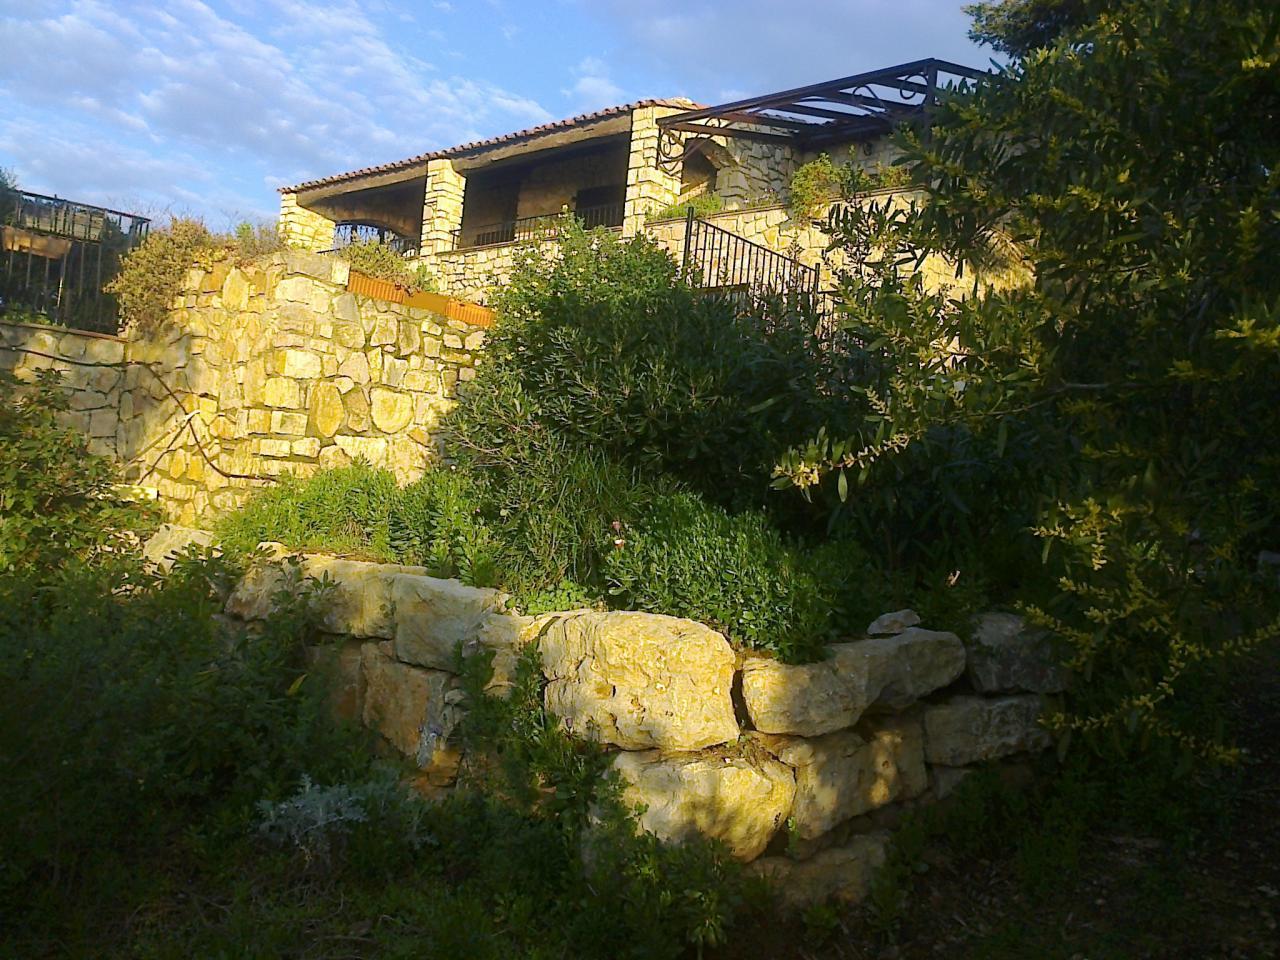 De huis-de tuin